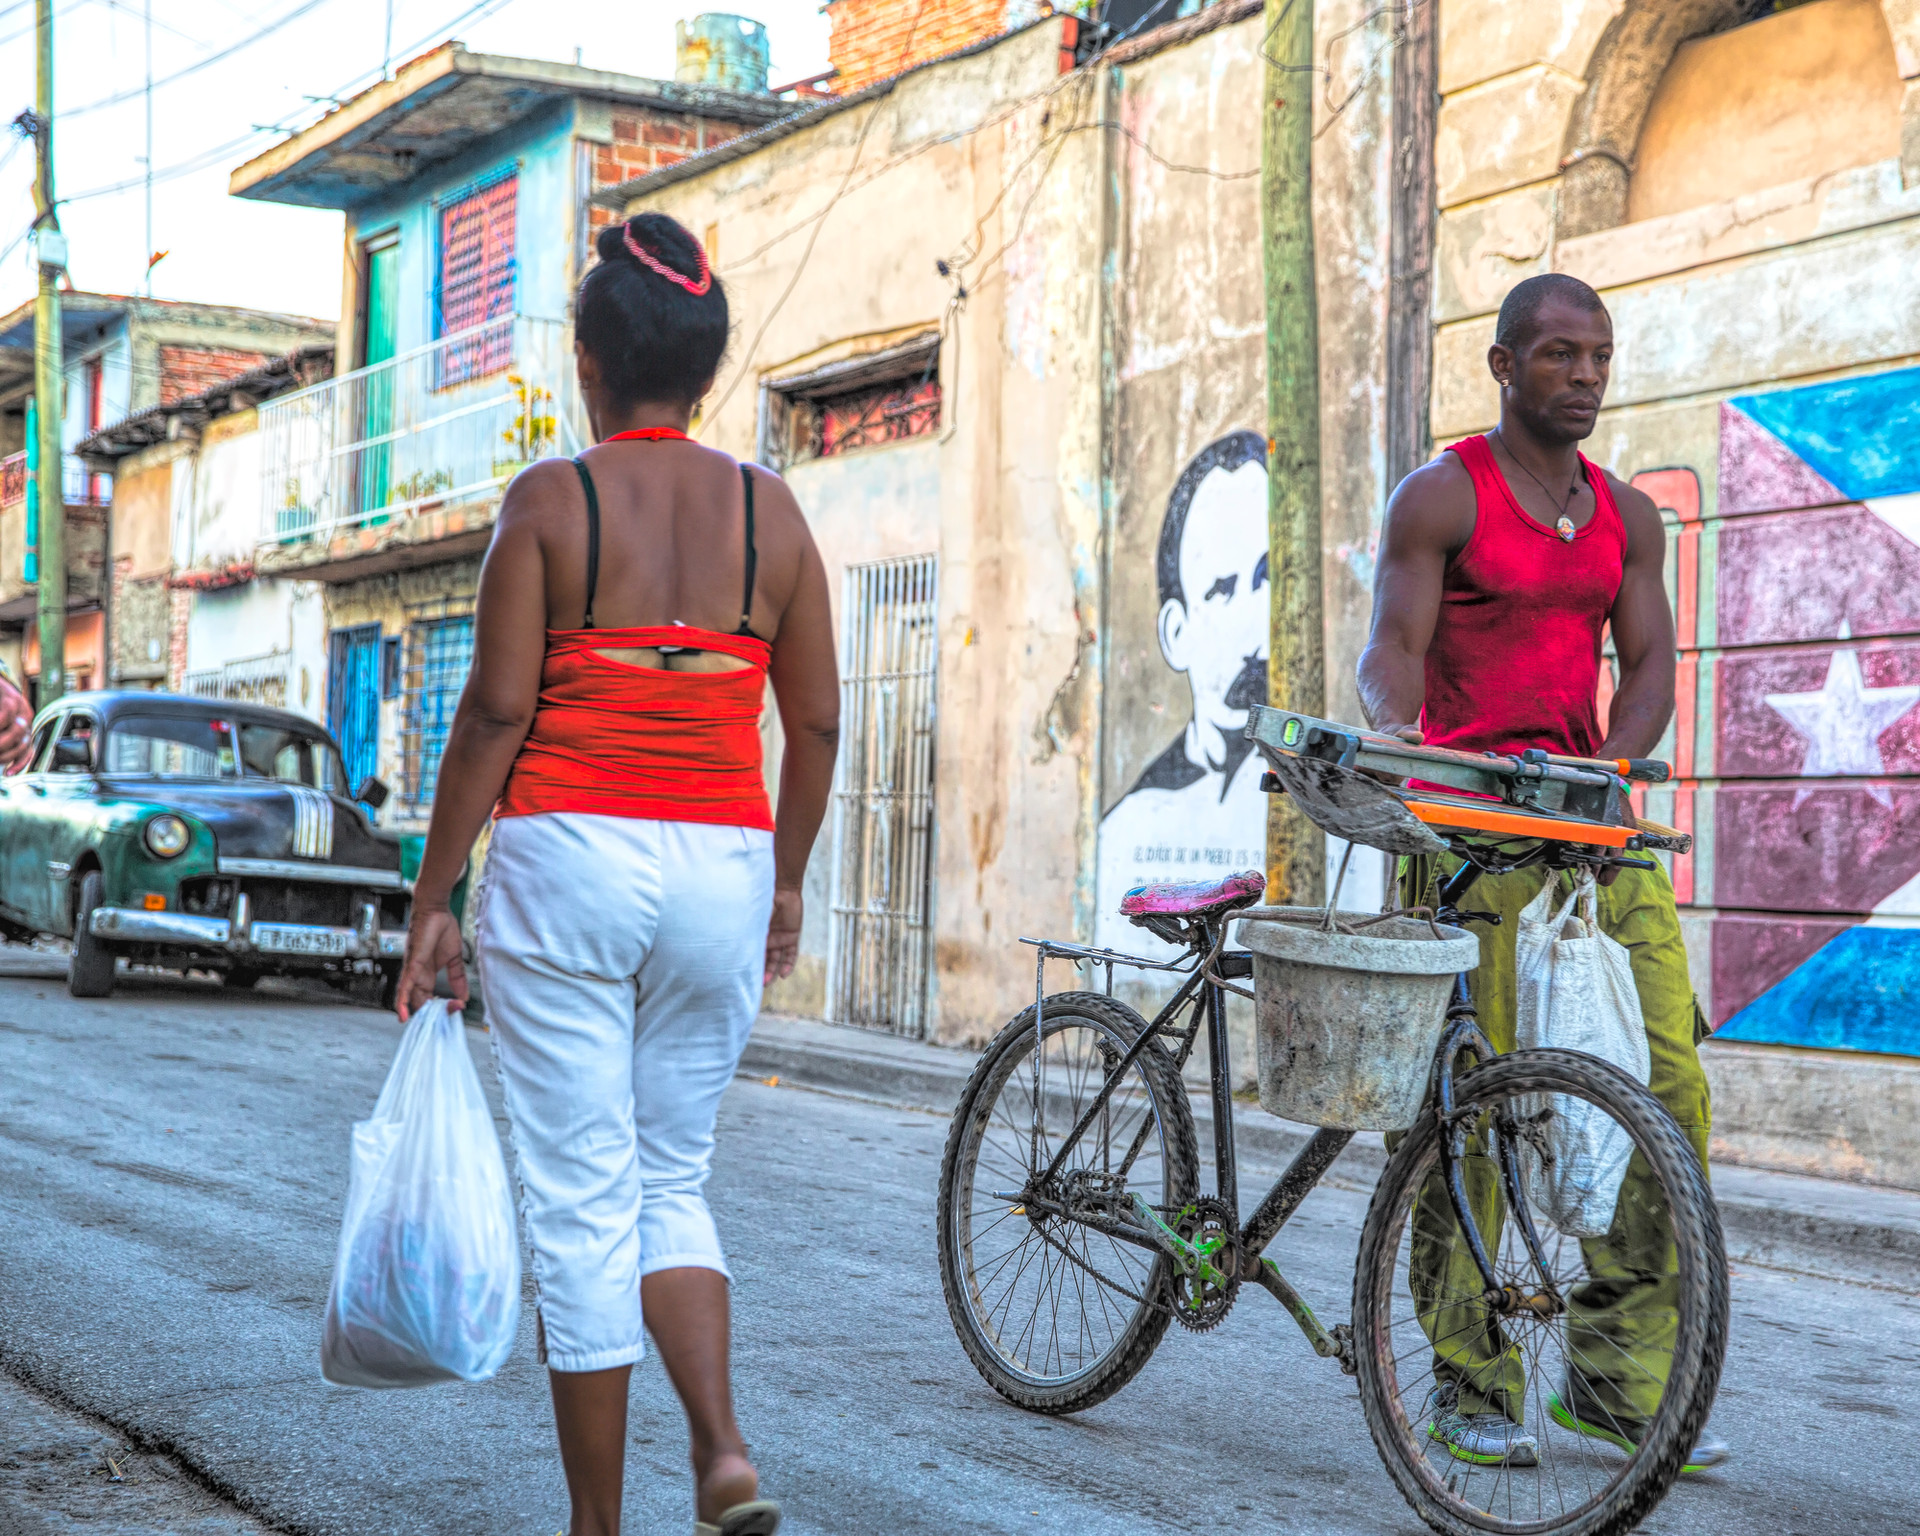 Streets of Baracoa, Cuba